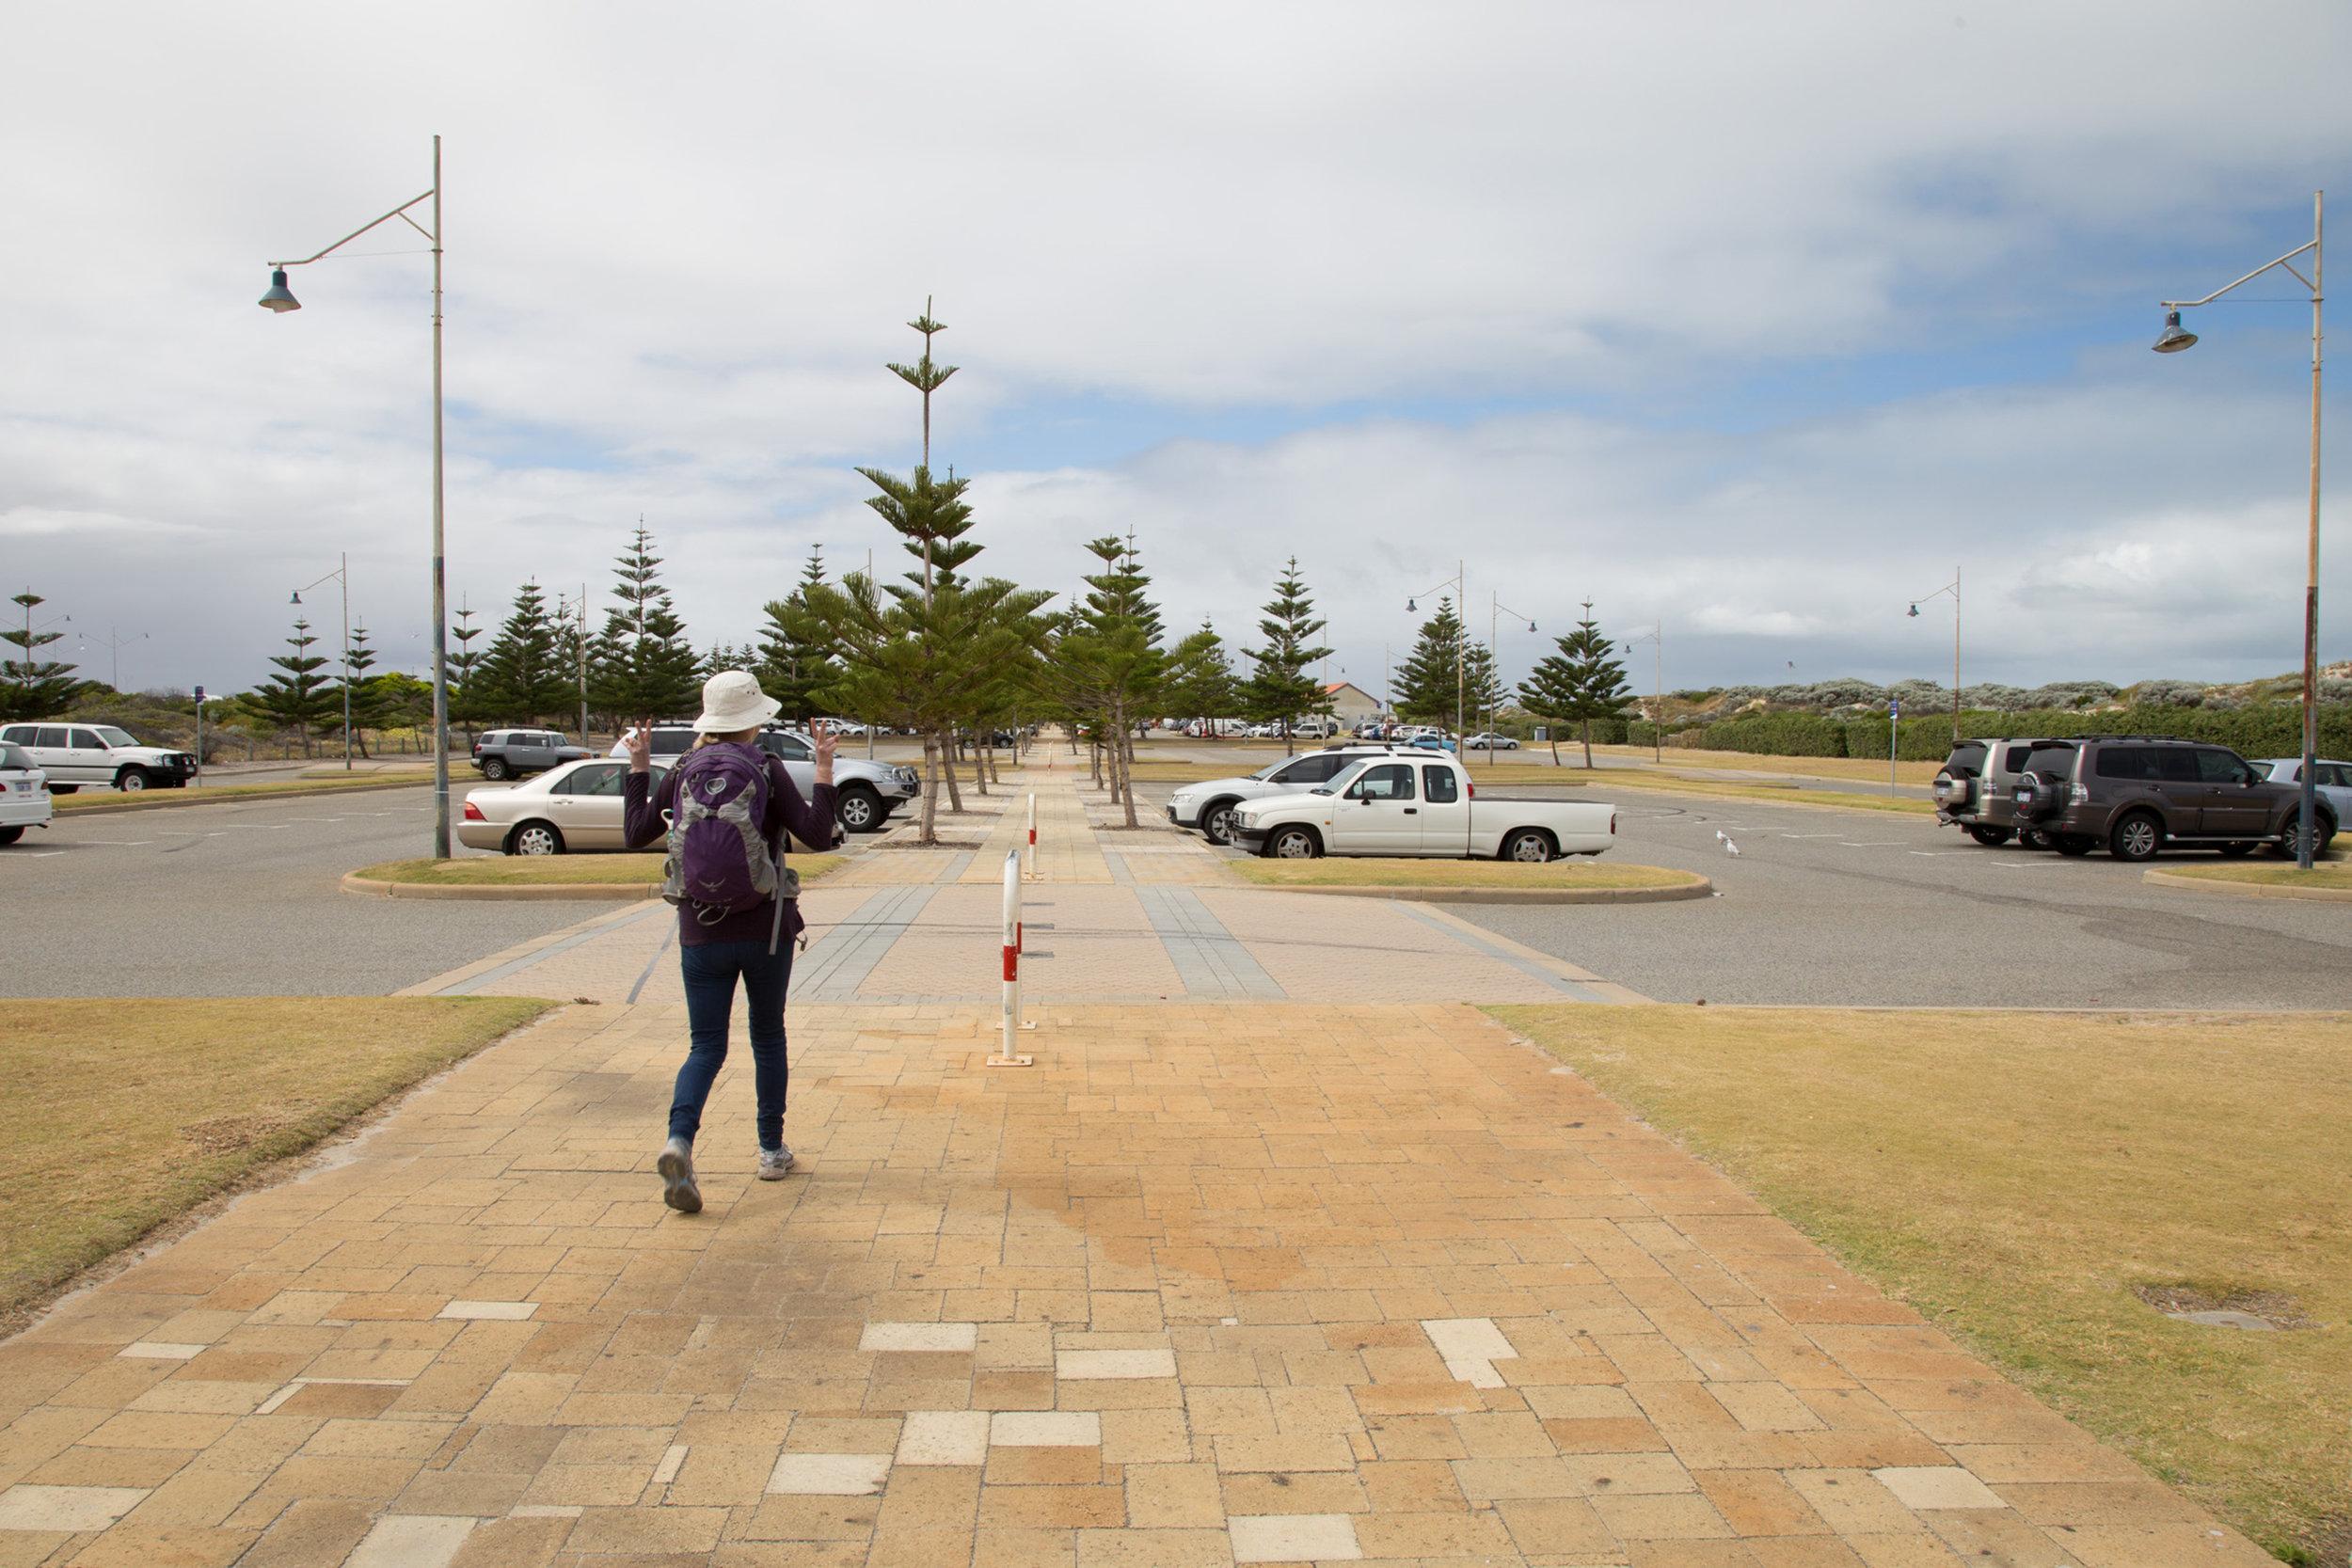 Plate 3: Concrete path through the carpark at the main part of Secret Harbour Beach.